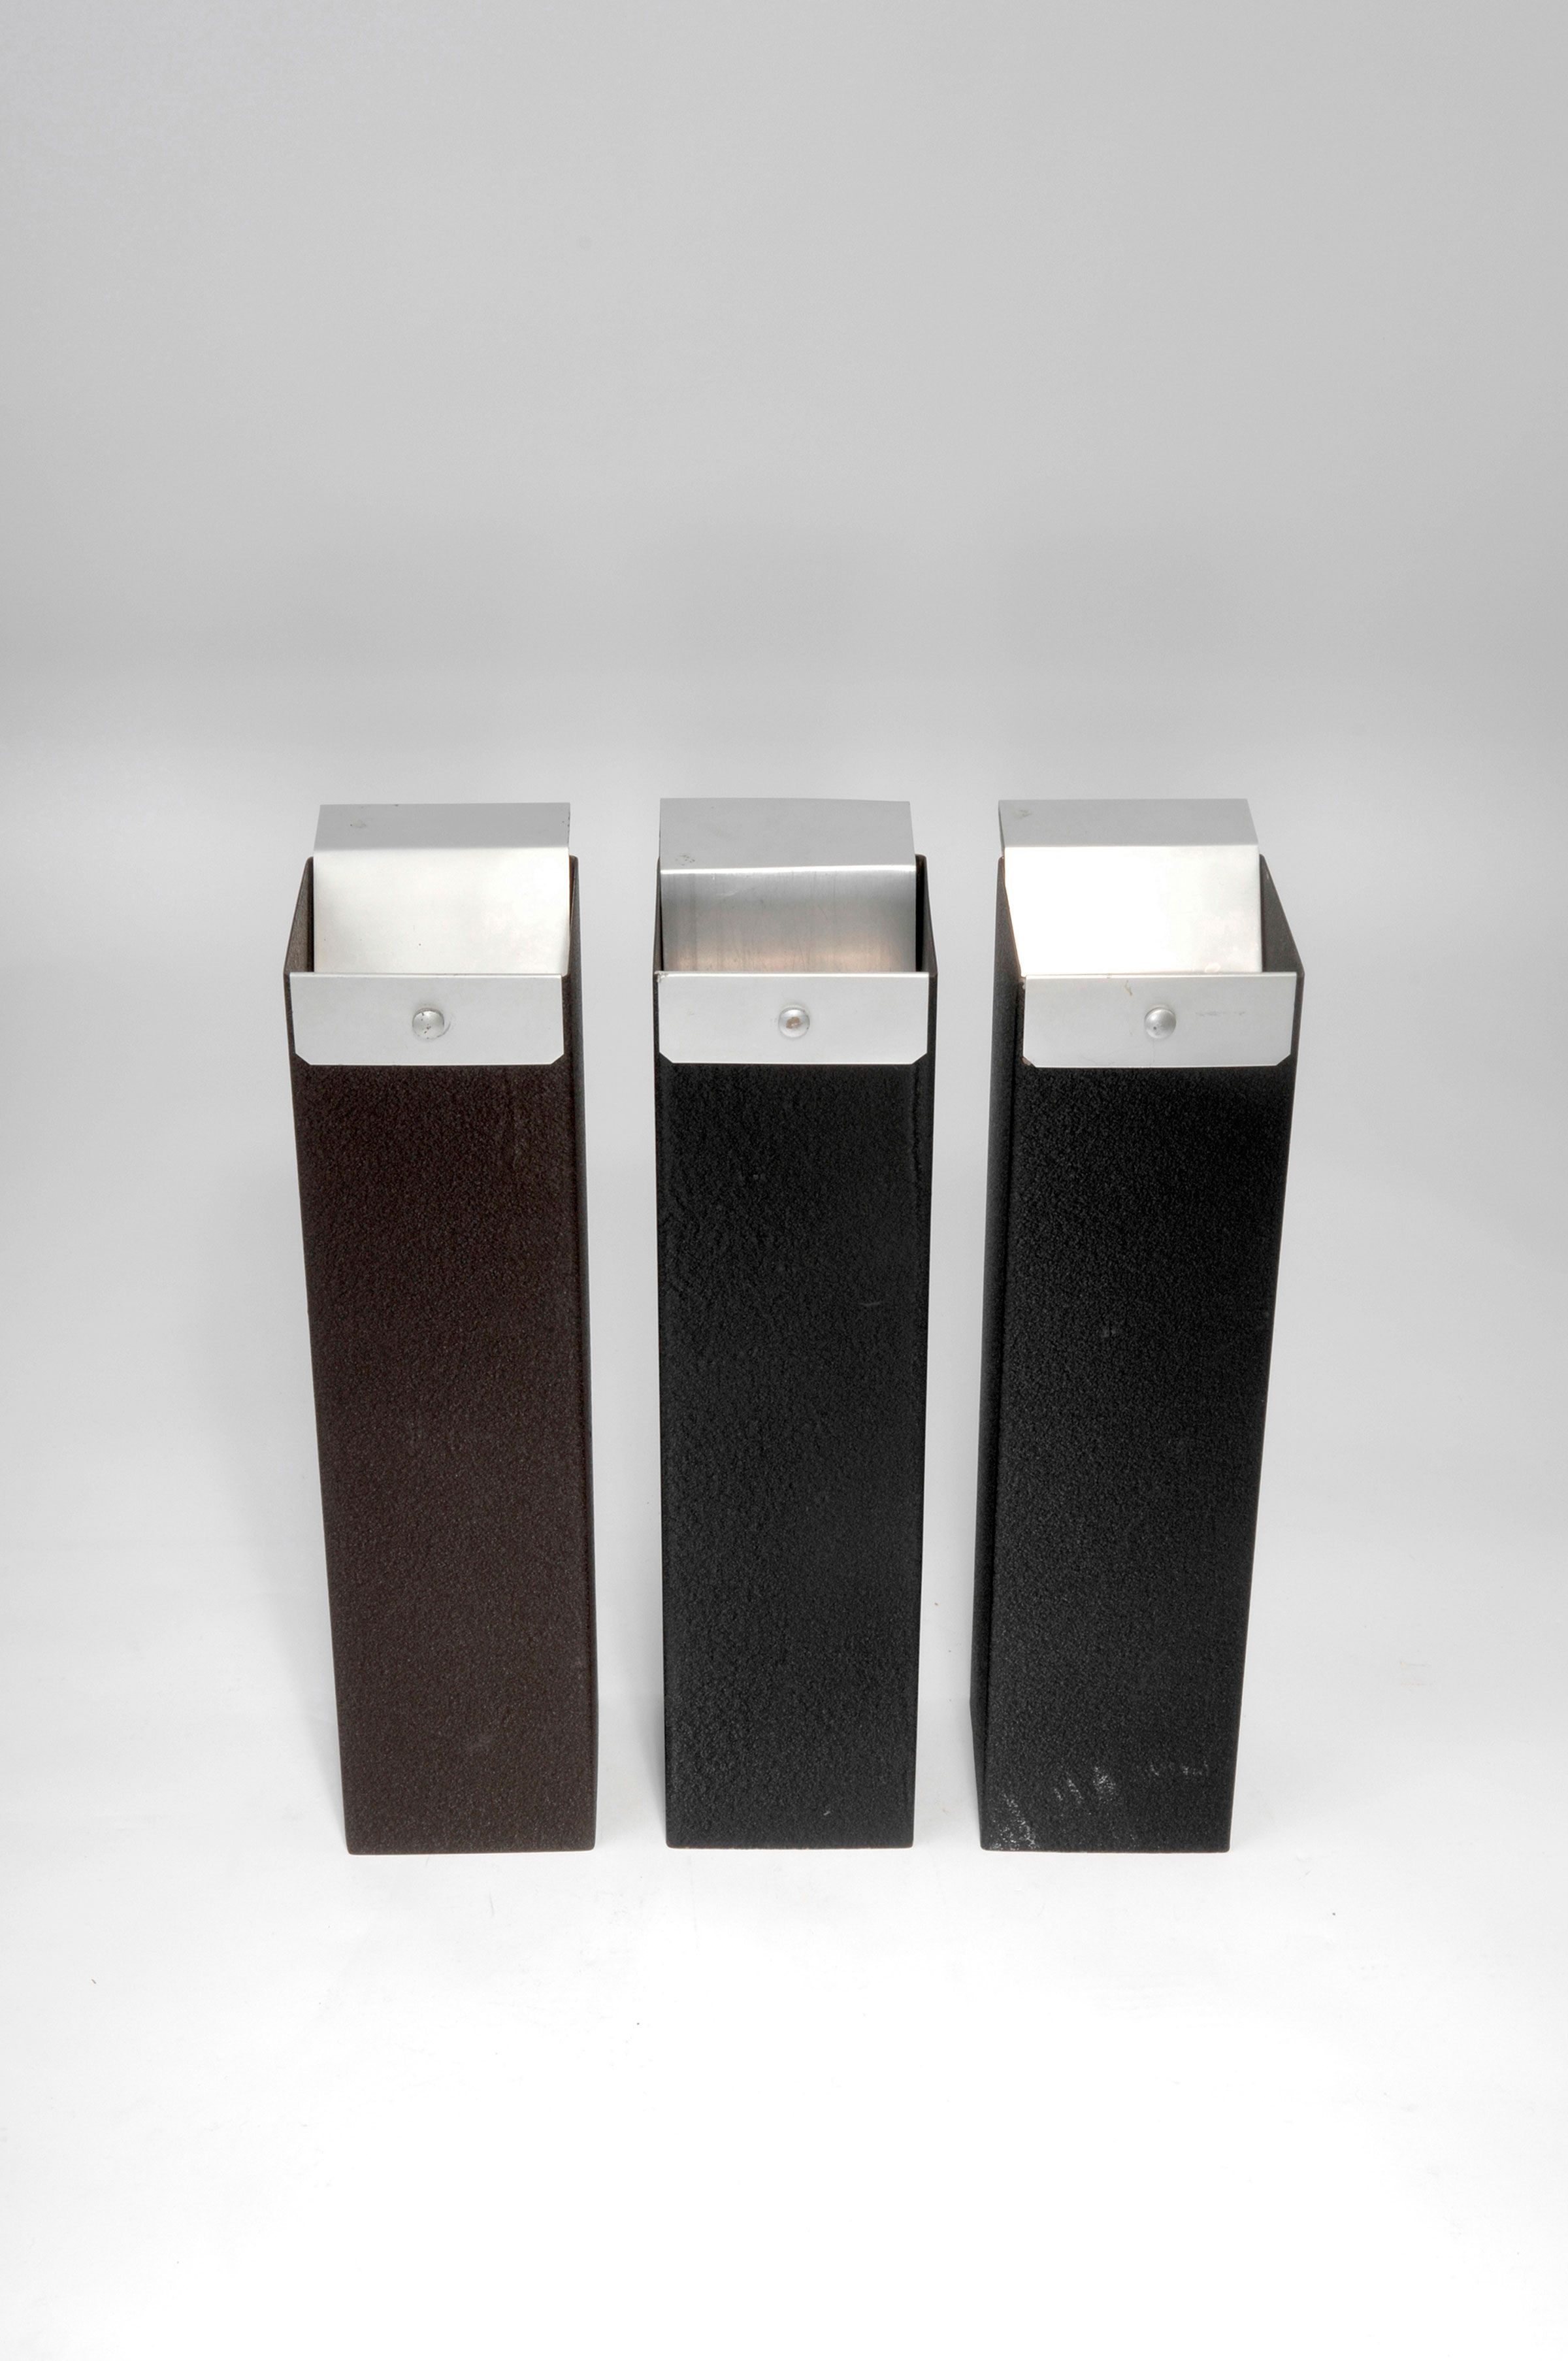 Lot 091C189 - Drei Aschenbecher '0051' Sarfatti, Gino Arteluce, Mailand -> Auction 091C - Text: english Version